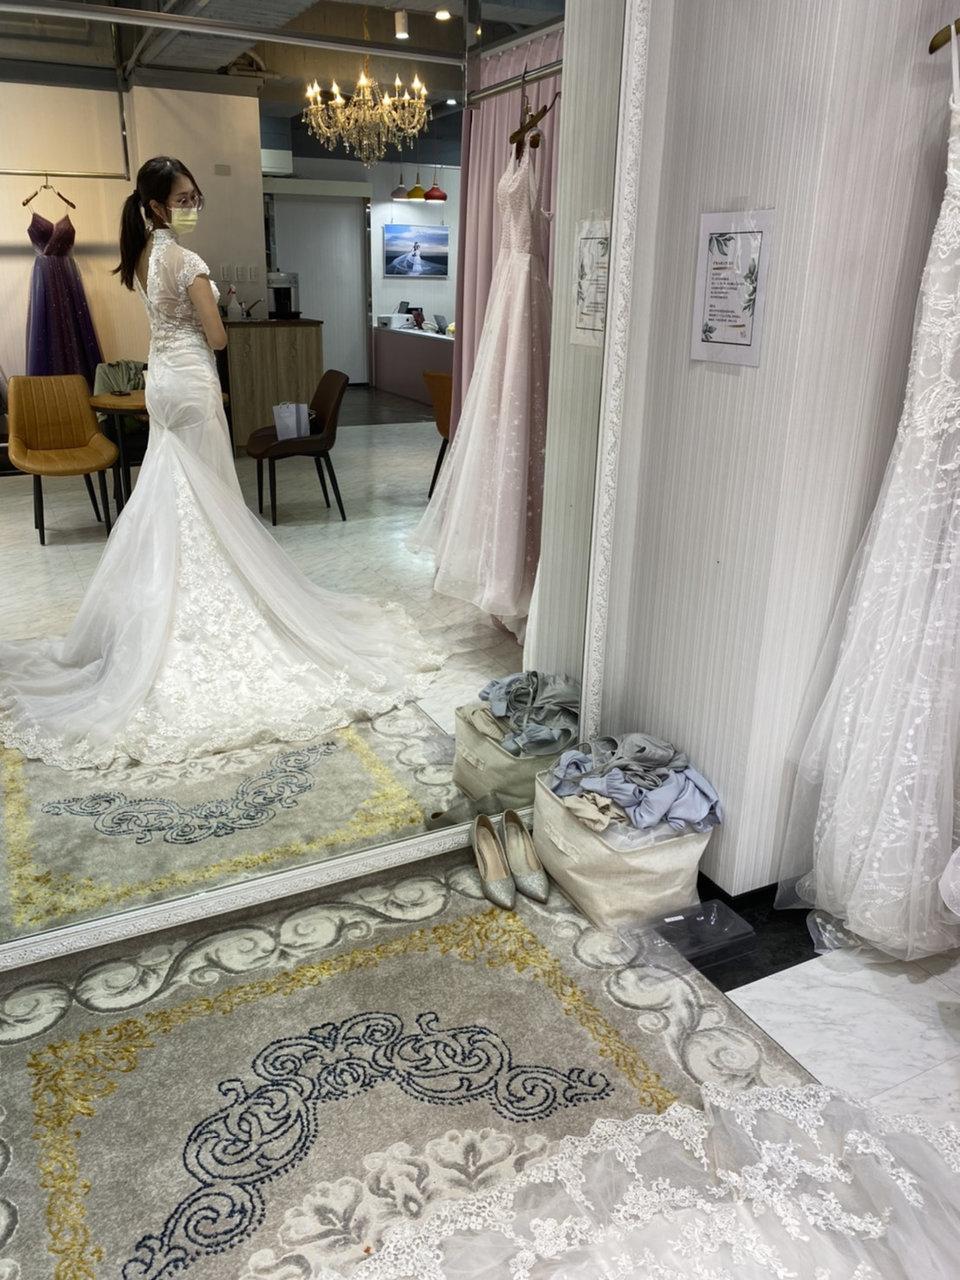 伊頓自助婚紗攝影工作室(新北板橋店),大推板橋店沐容諮詢及試穿心得